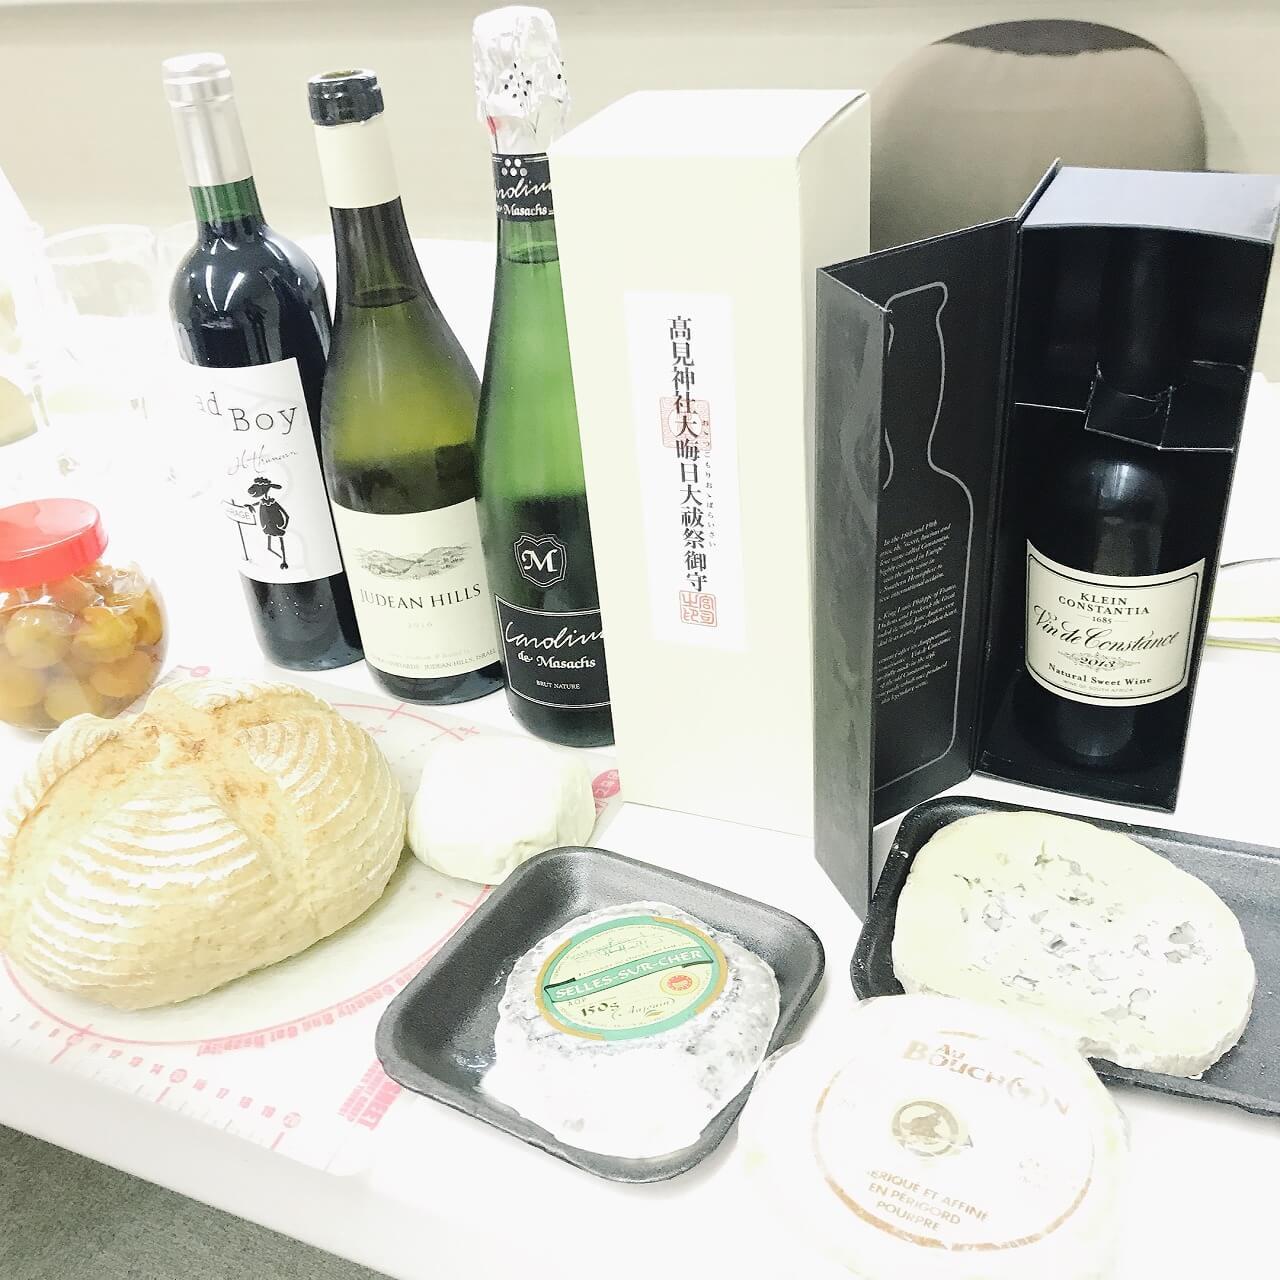 ワインとチーズがテーマの講習